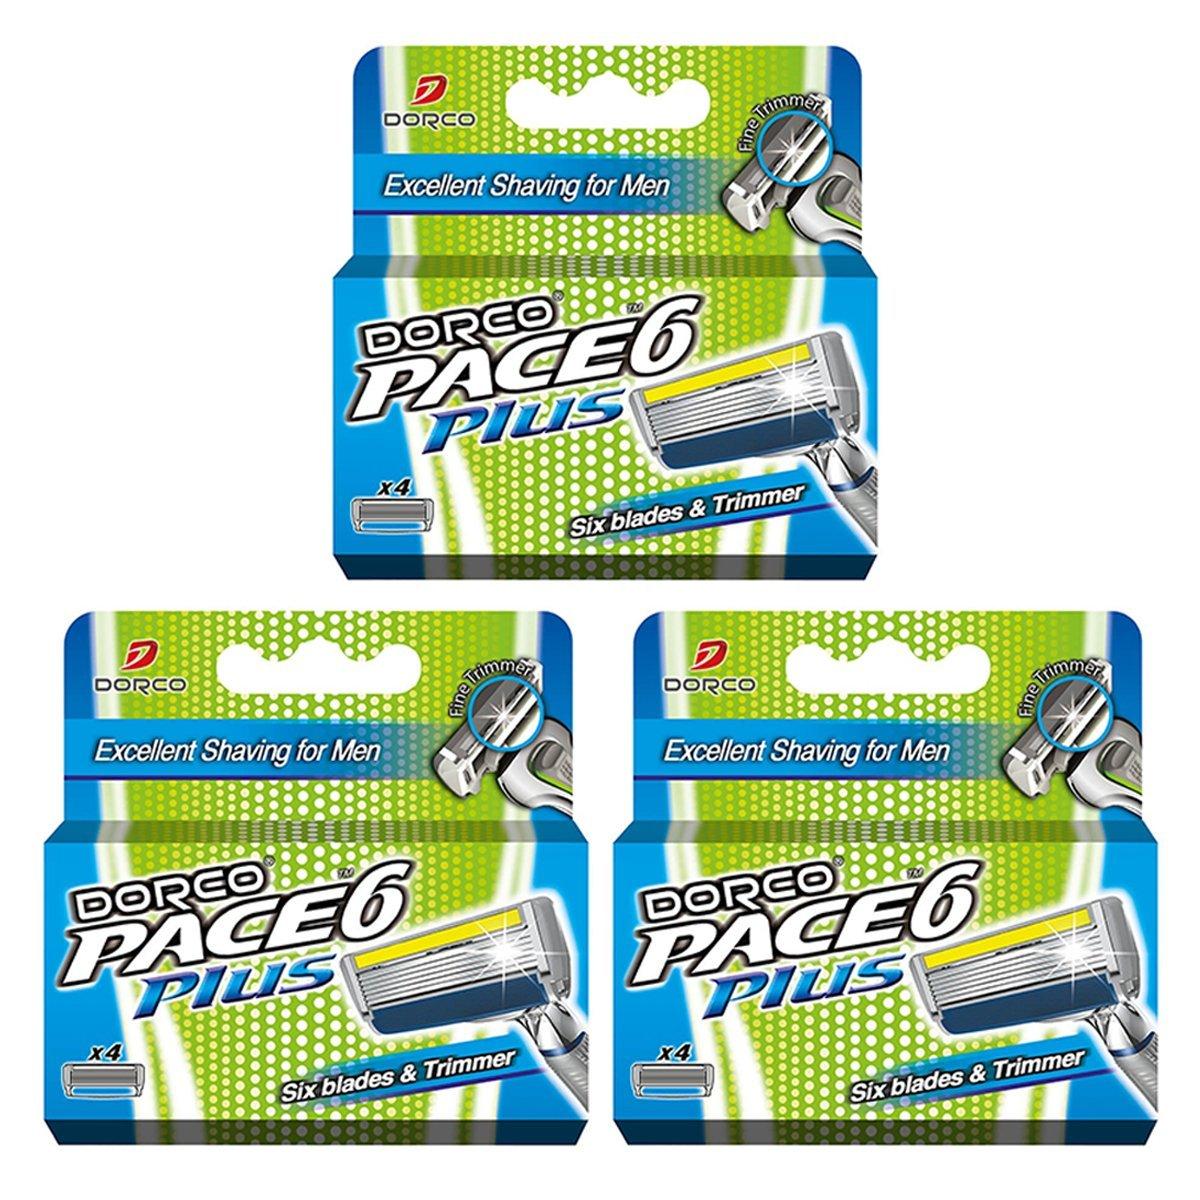 Cartuchos de Repuesto Dorco Pace 6 Plus - Diseño ultrafino de seis cuchillas - Incluye Banda de Lubricacion con Vitamina E - Systema de Acoplamiento Comun (8 cuchillas) SXA5040